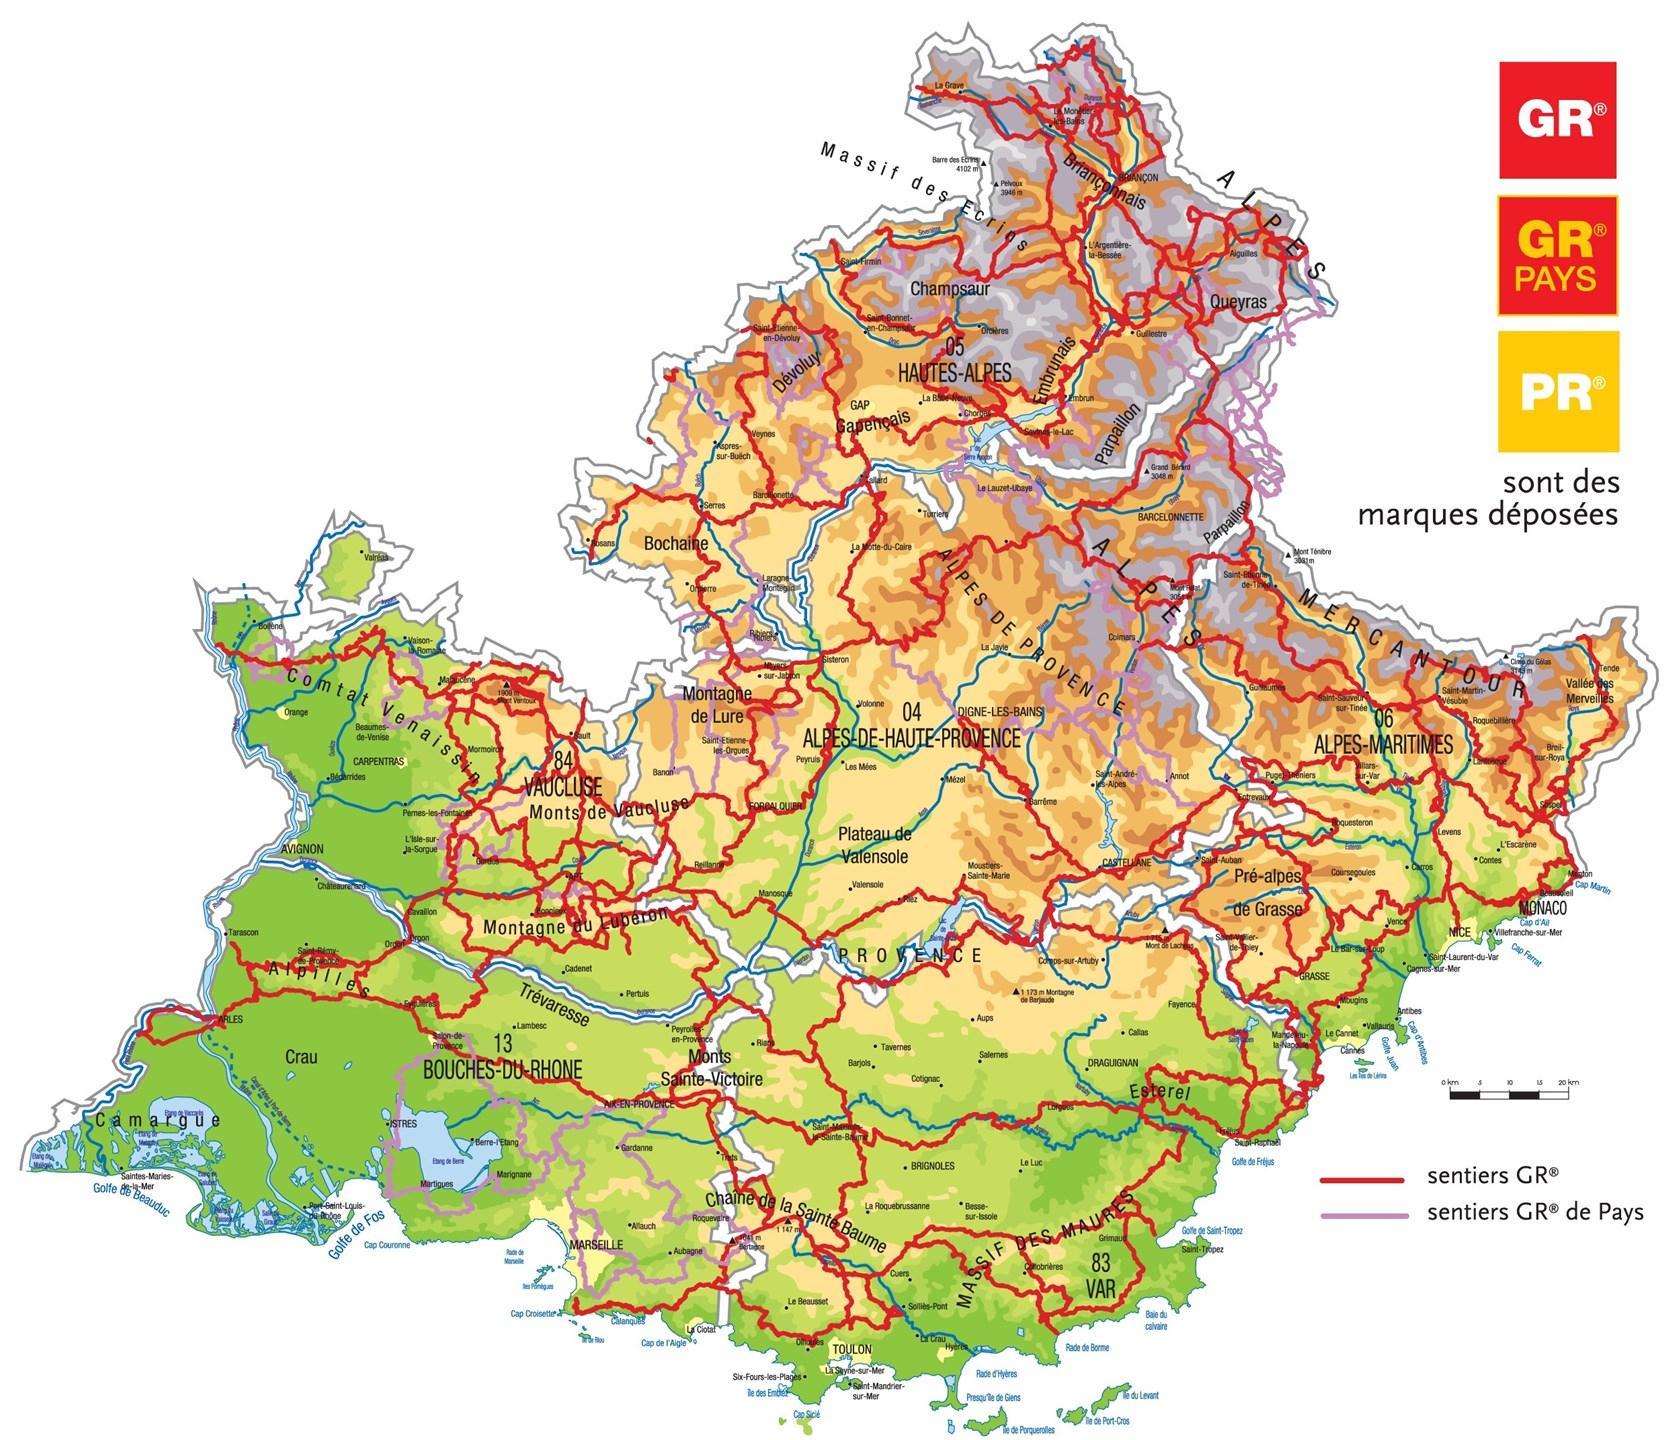 Nos Sentiers Gr®, Gr® De Pays Et Pr - Site Officiel De La dedans Carte Departement 13